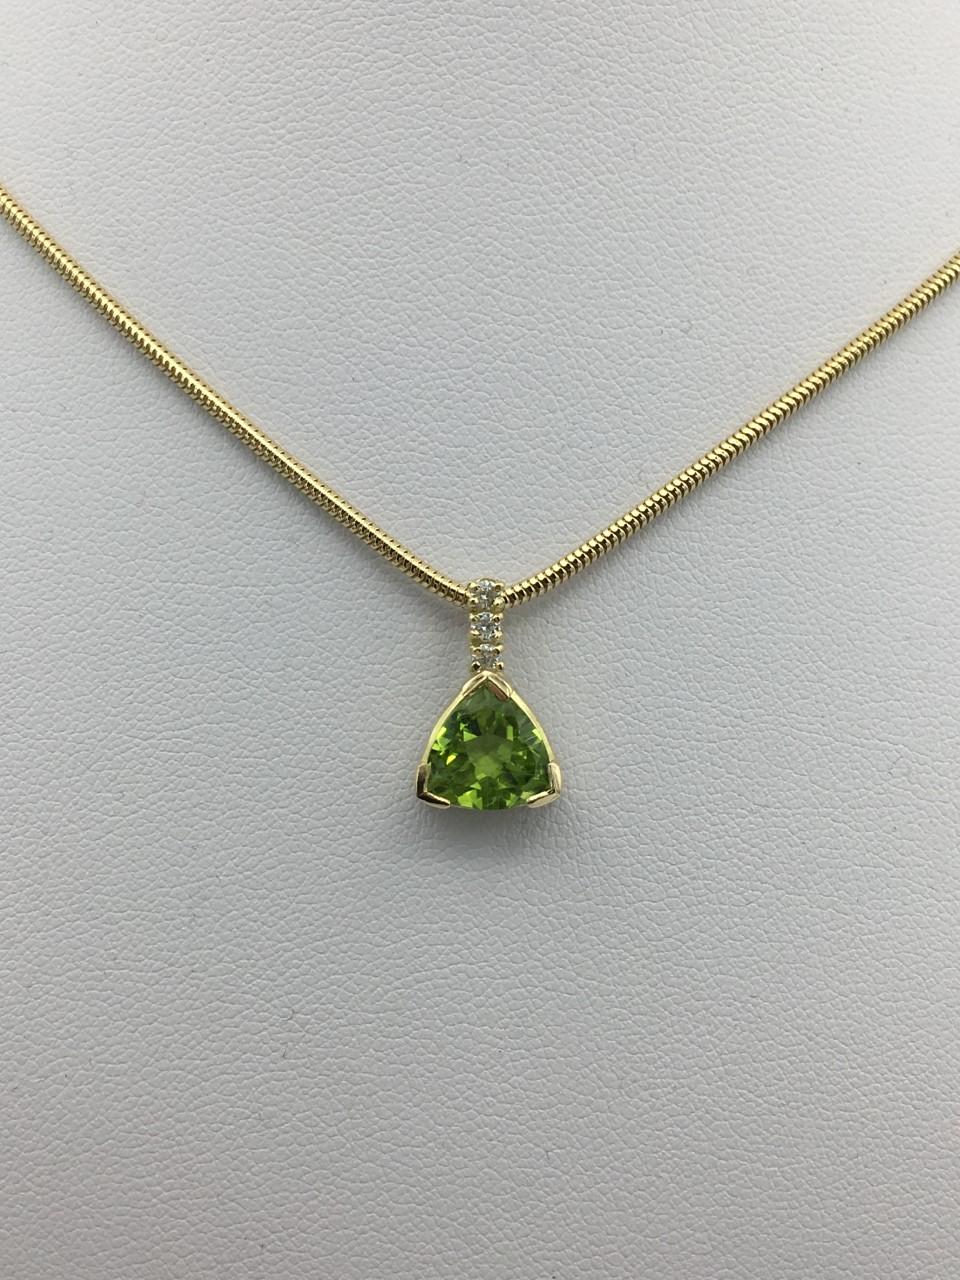 Collier or péridot et diamants